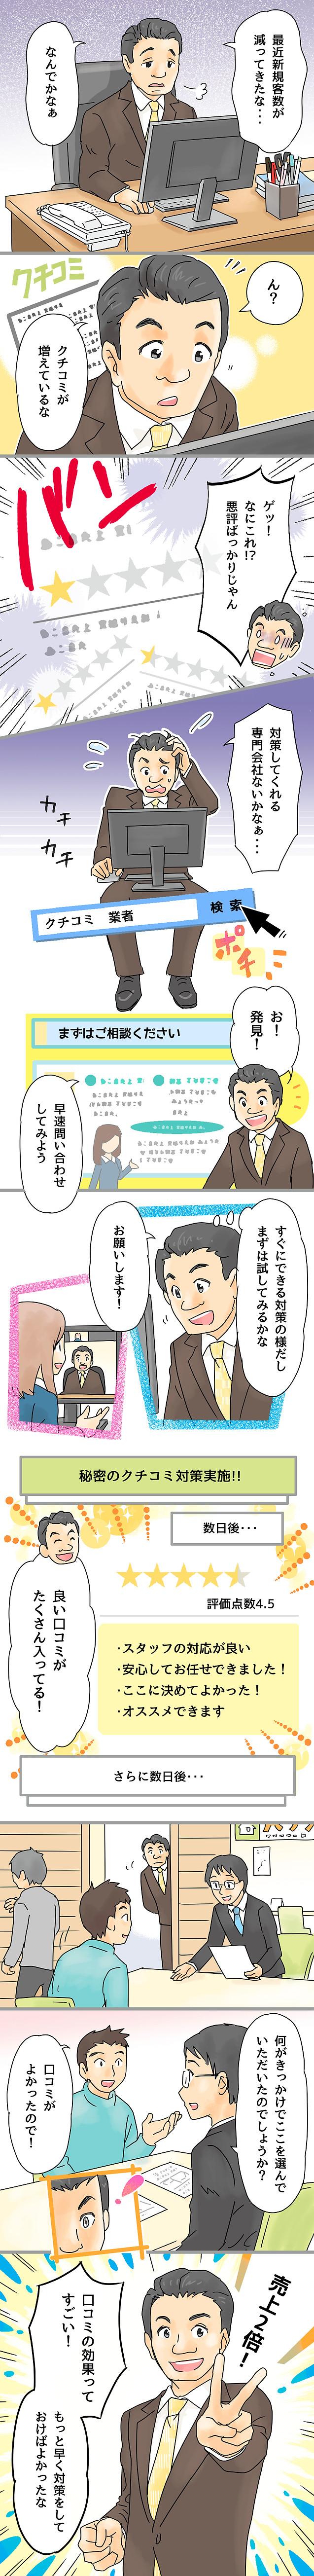 10コマ(社長).jpg